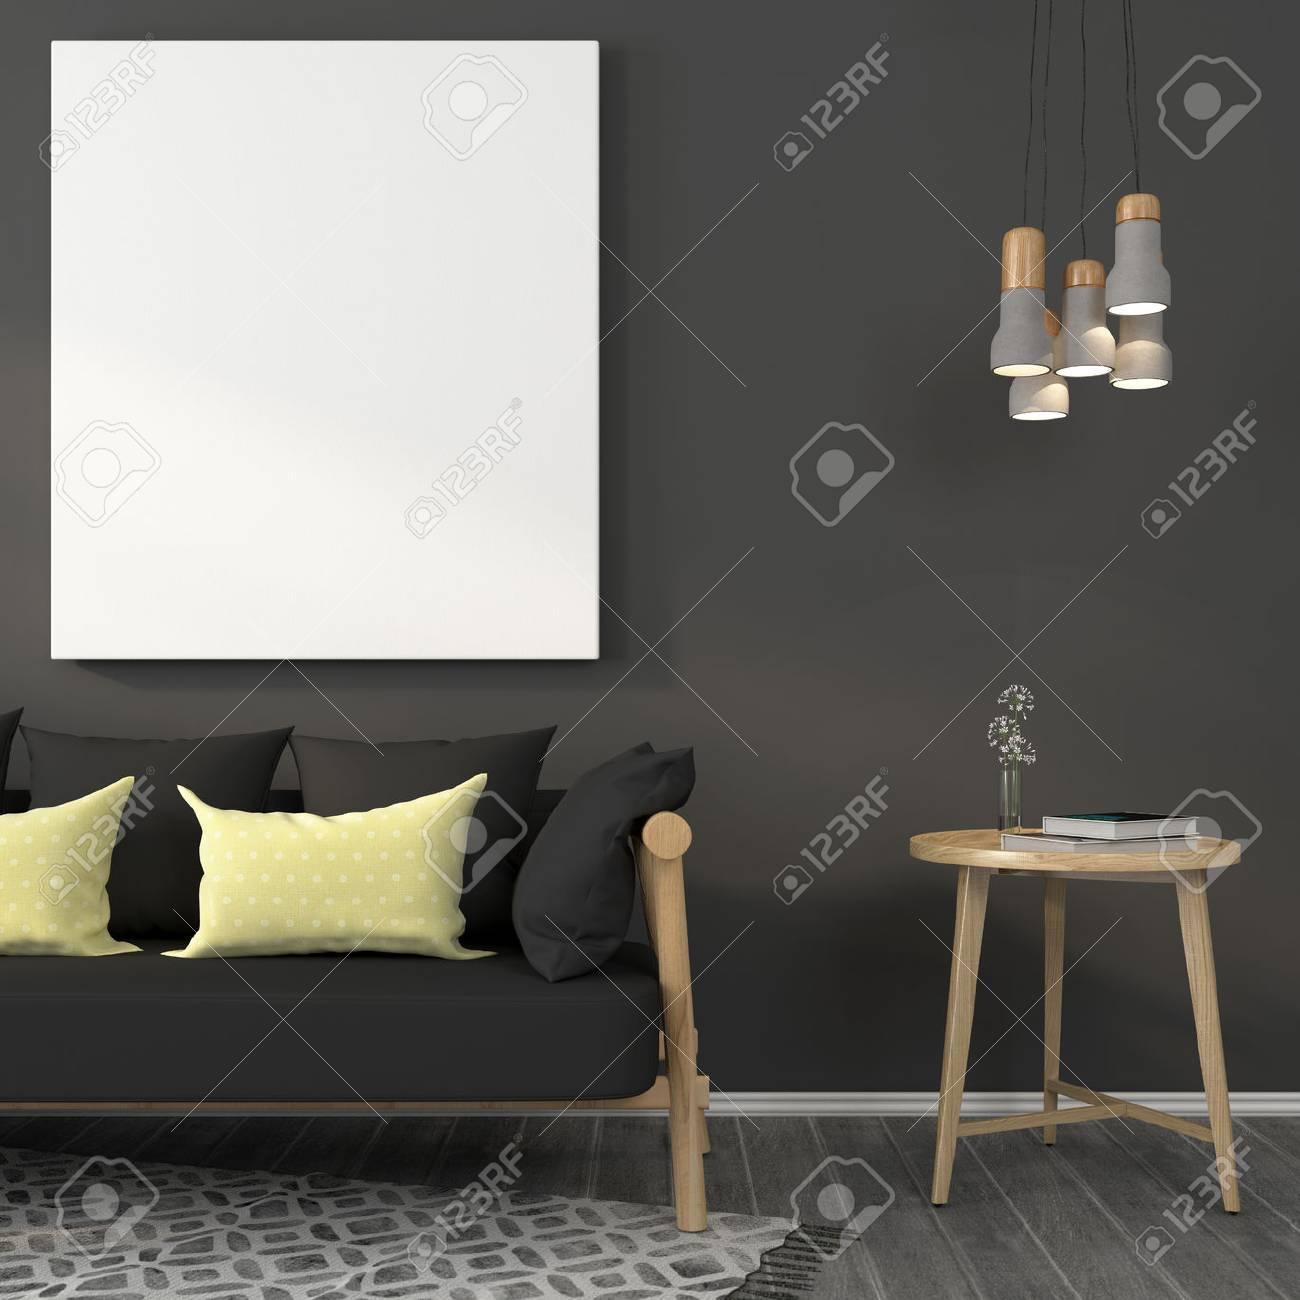 Modernes Wohnzimmer In Grau Mit Holzmöbeln Und Betonlampen Standard Bild    59854791